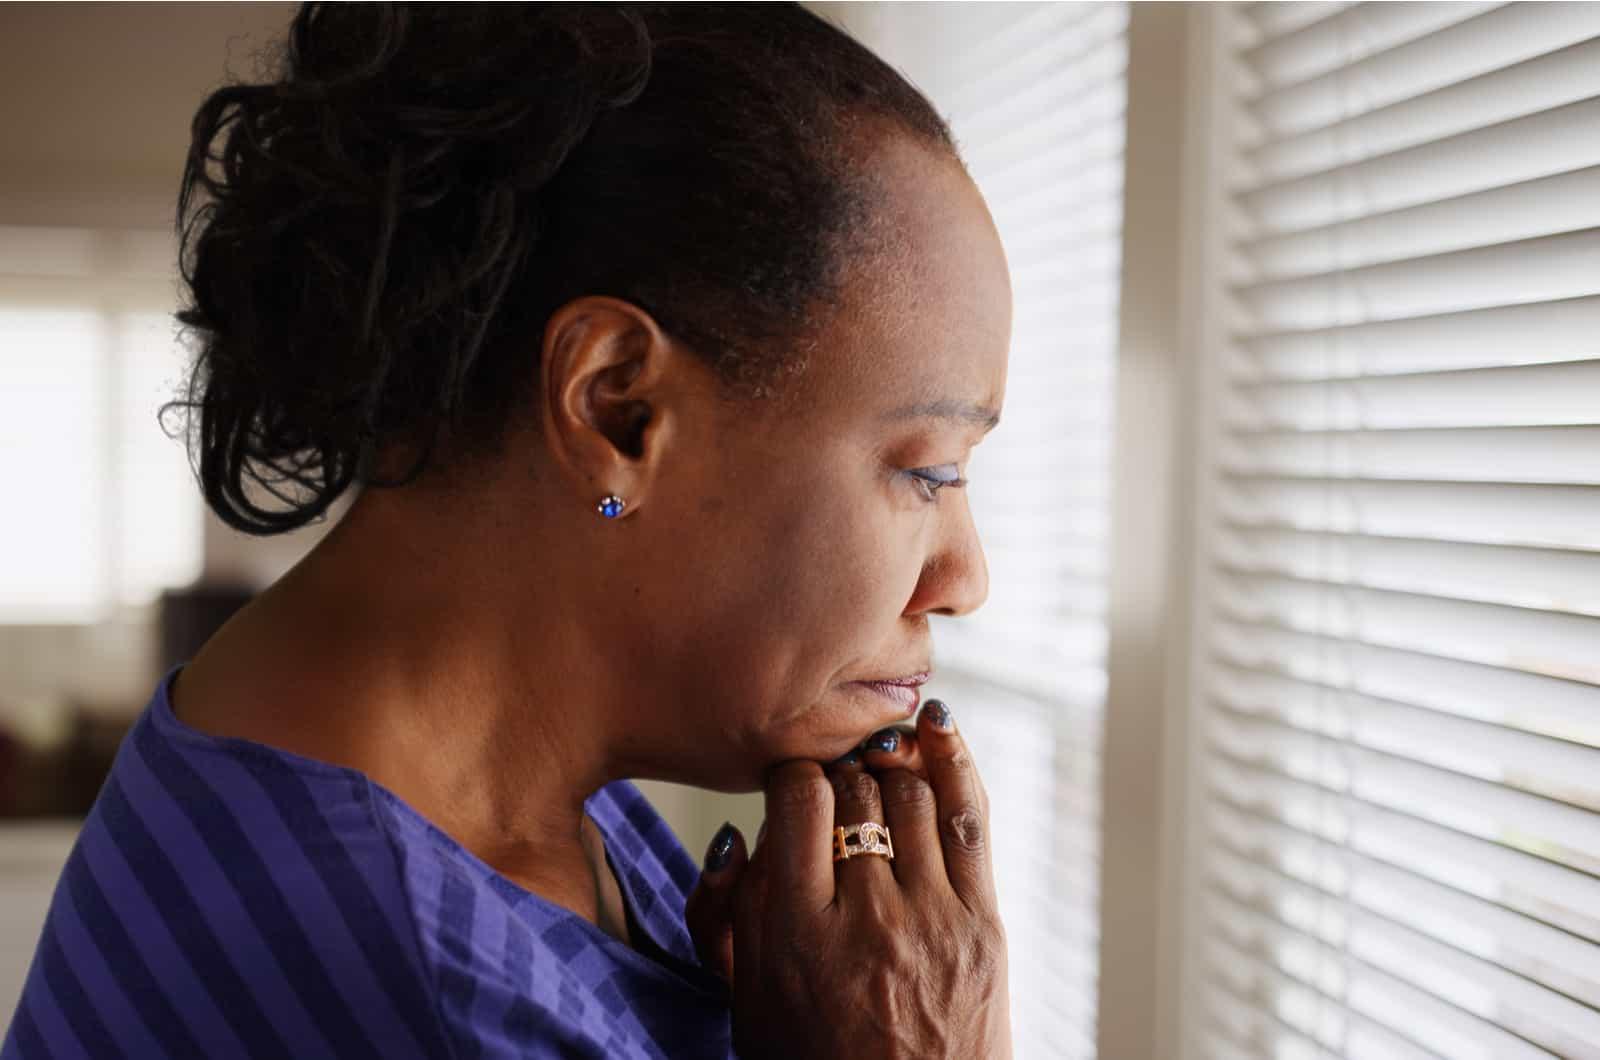 Traurige Frau schaut durch das Fenster